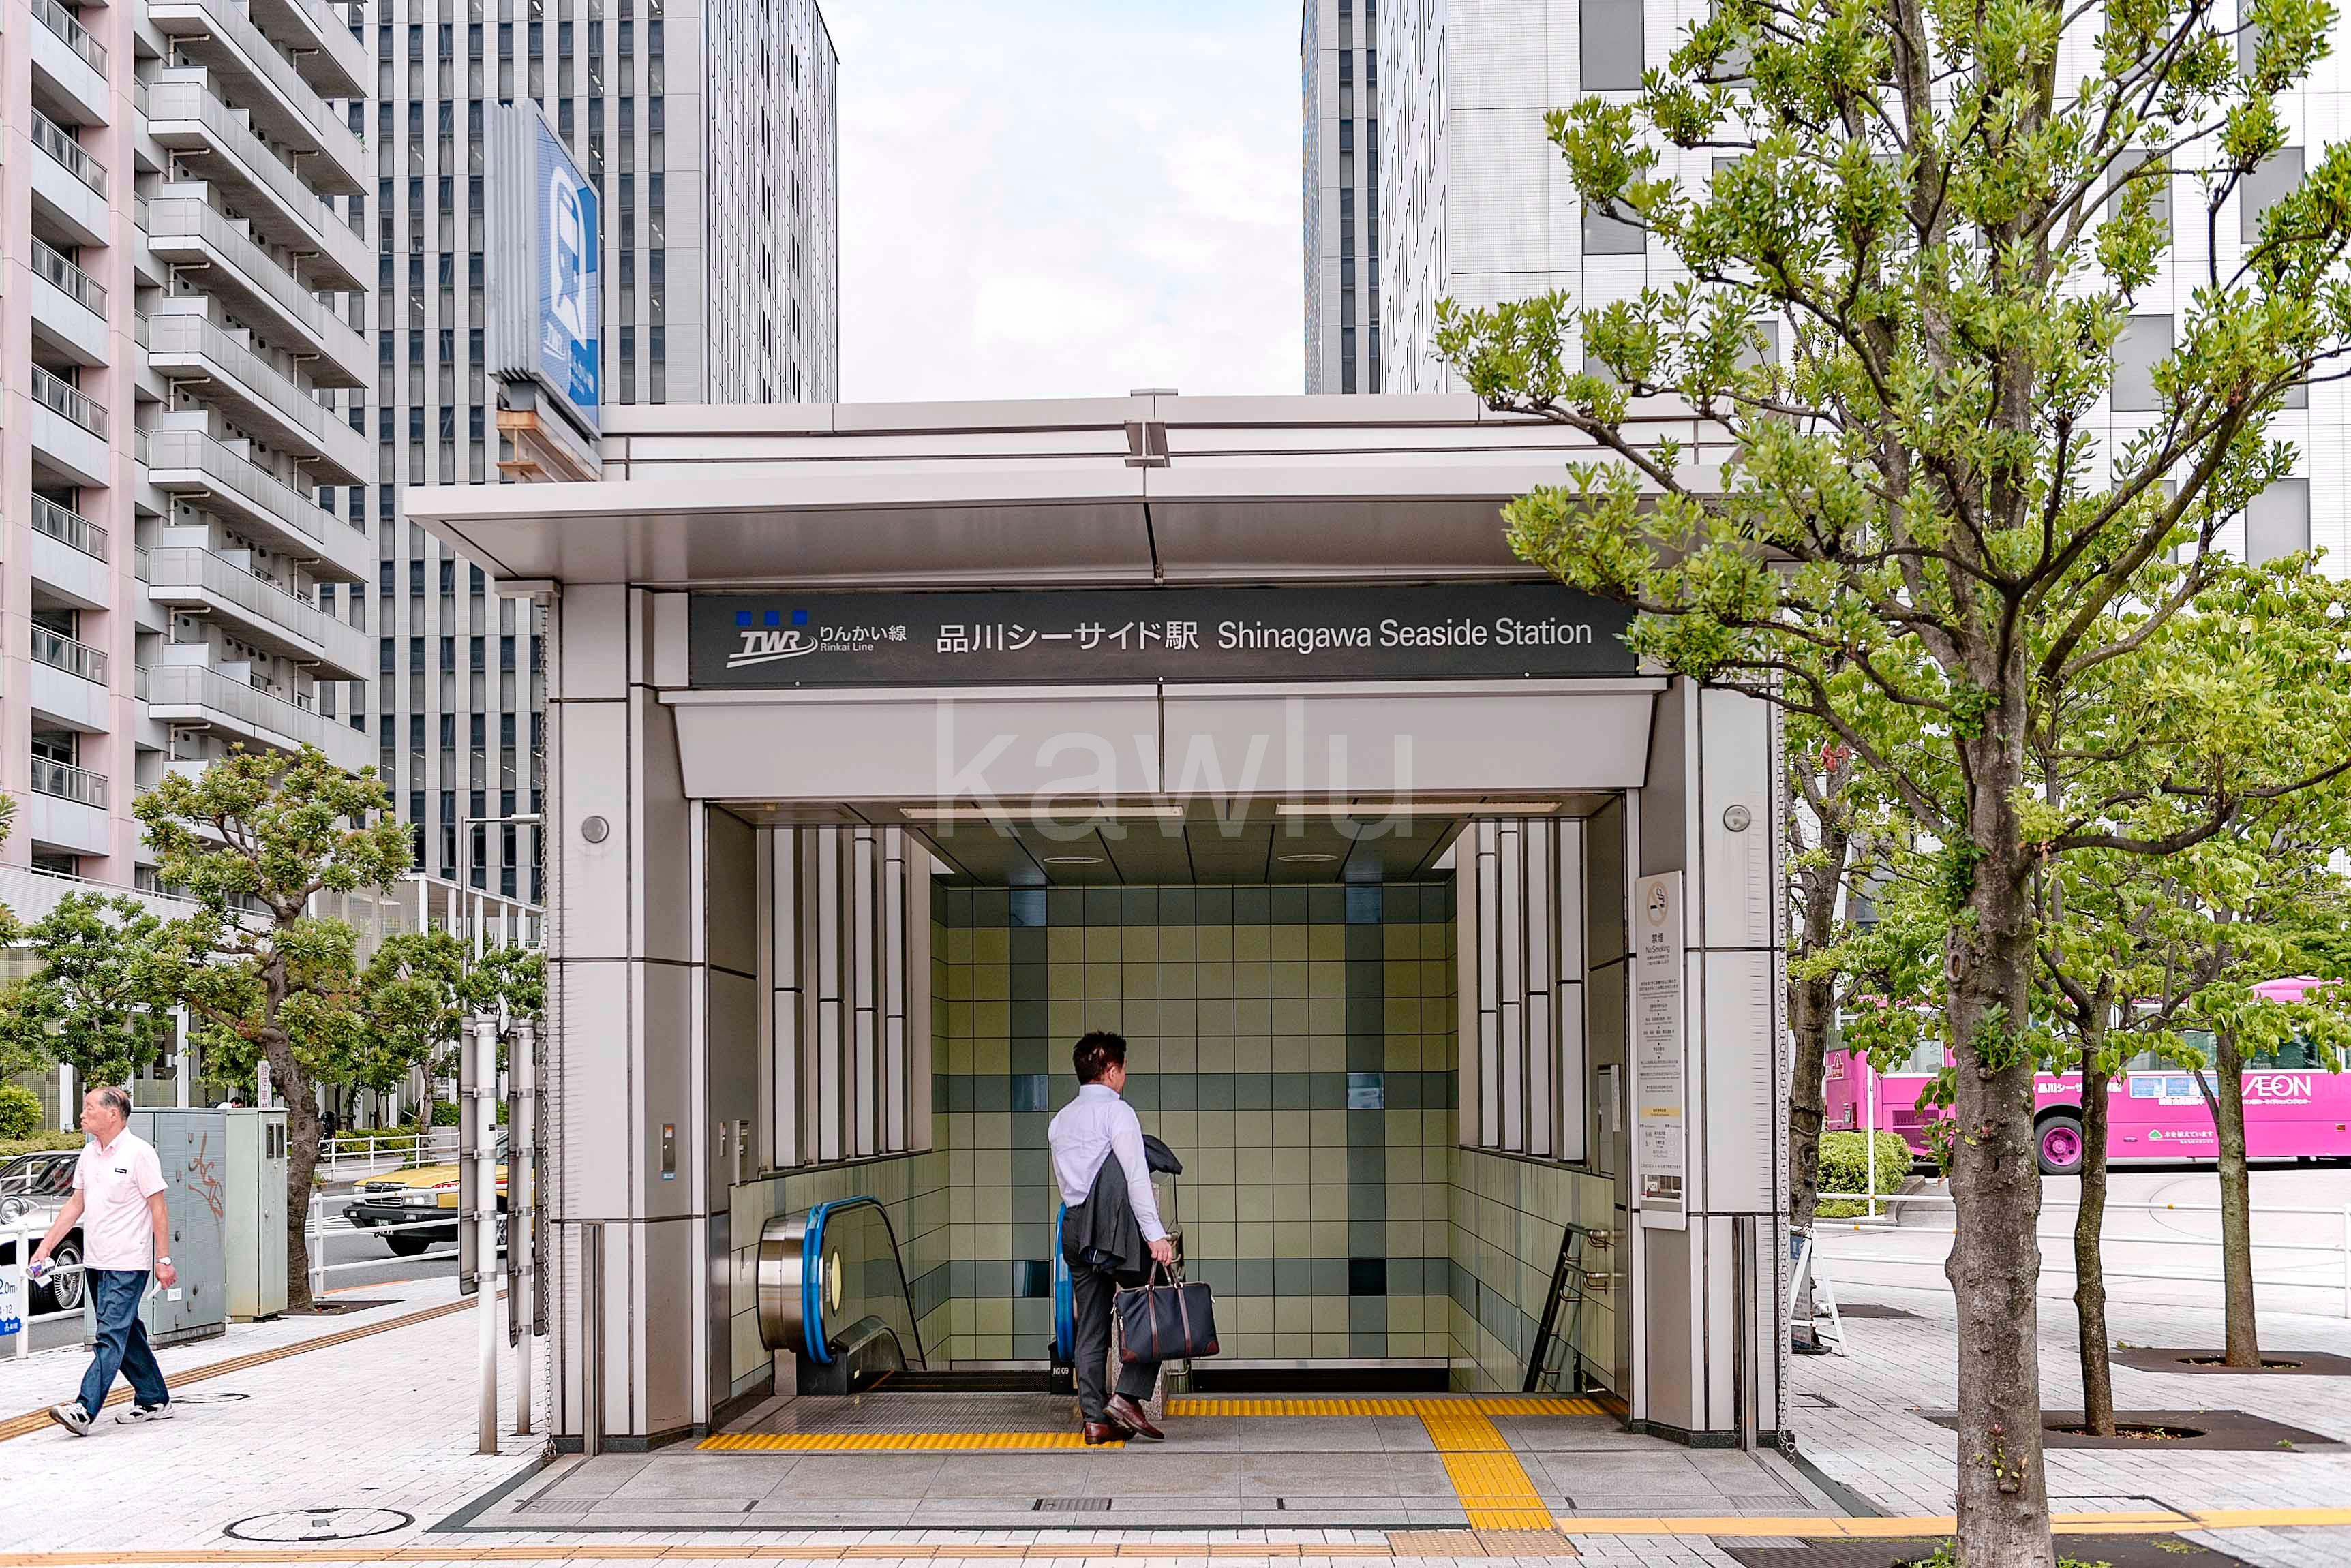 ラグナタワー_品川シーサイド駅